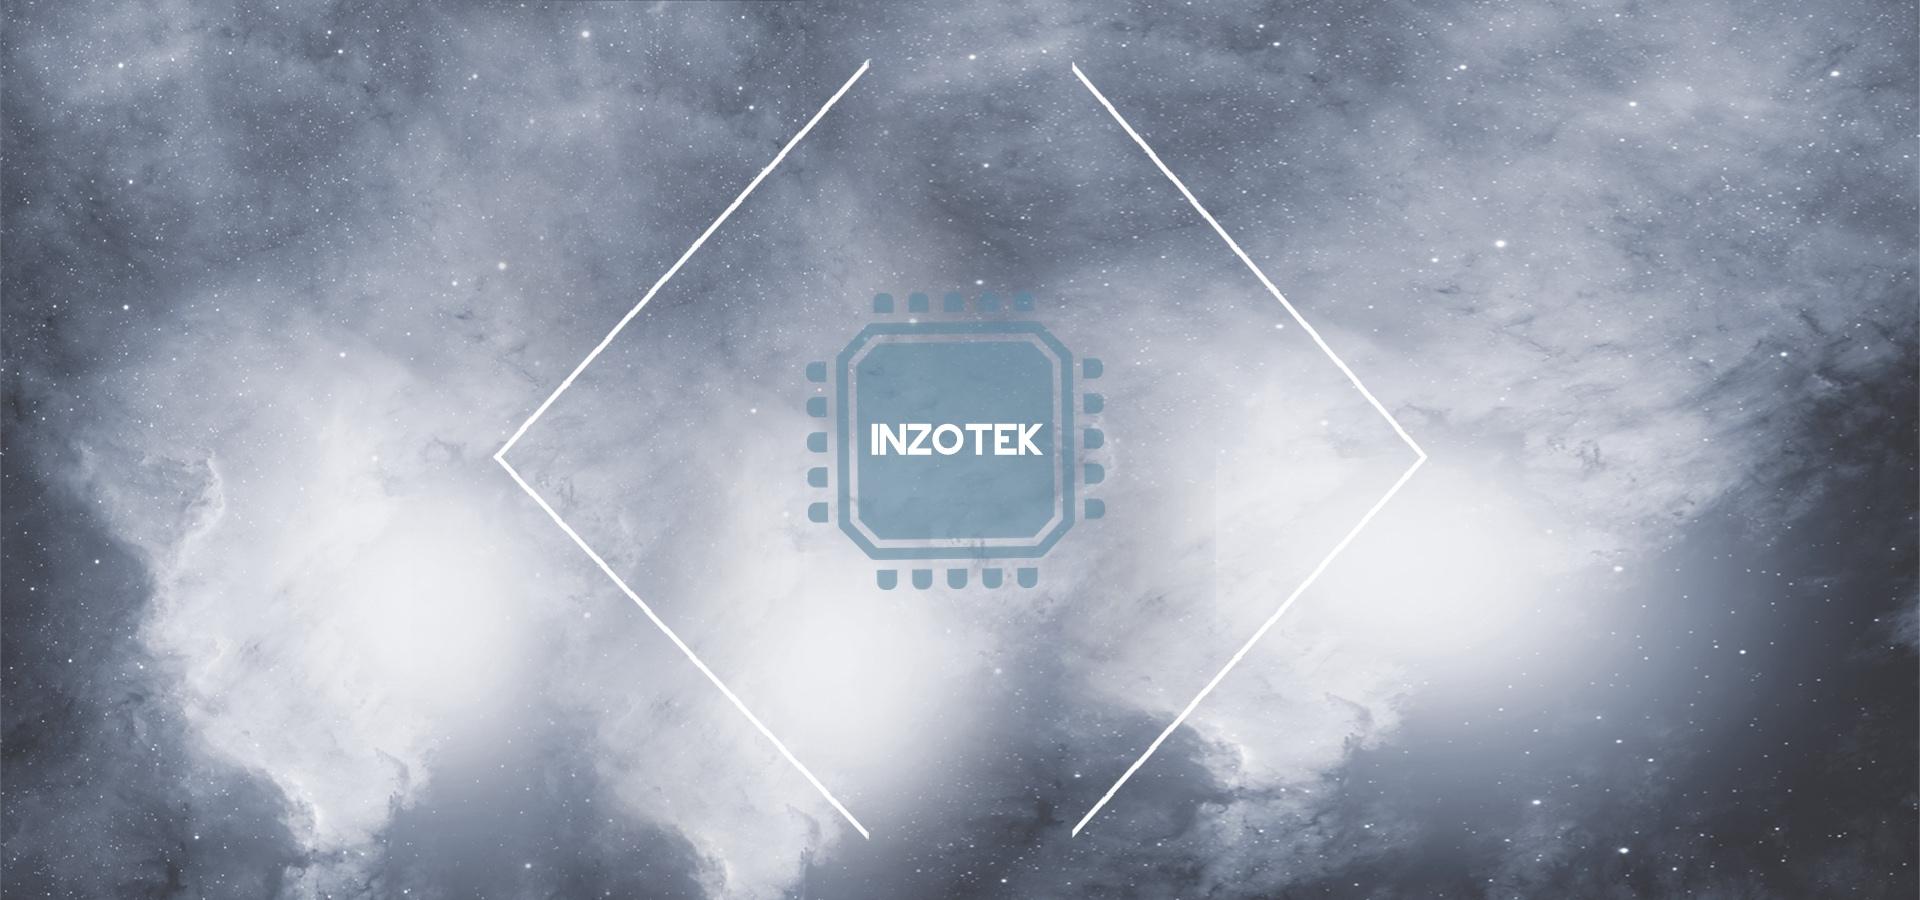 inzotek-加密